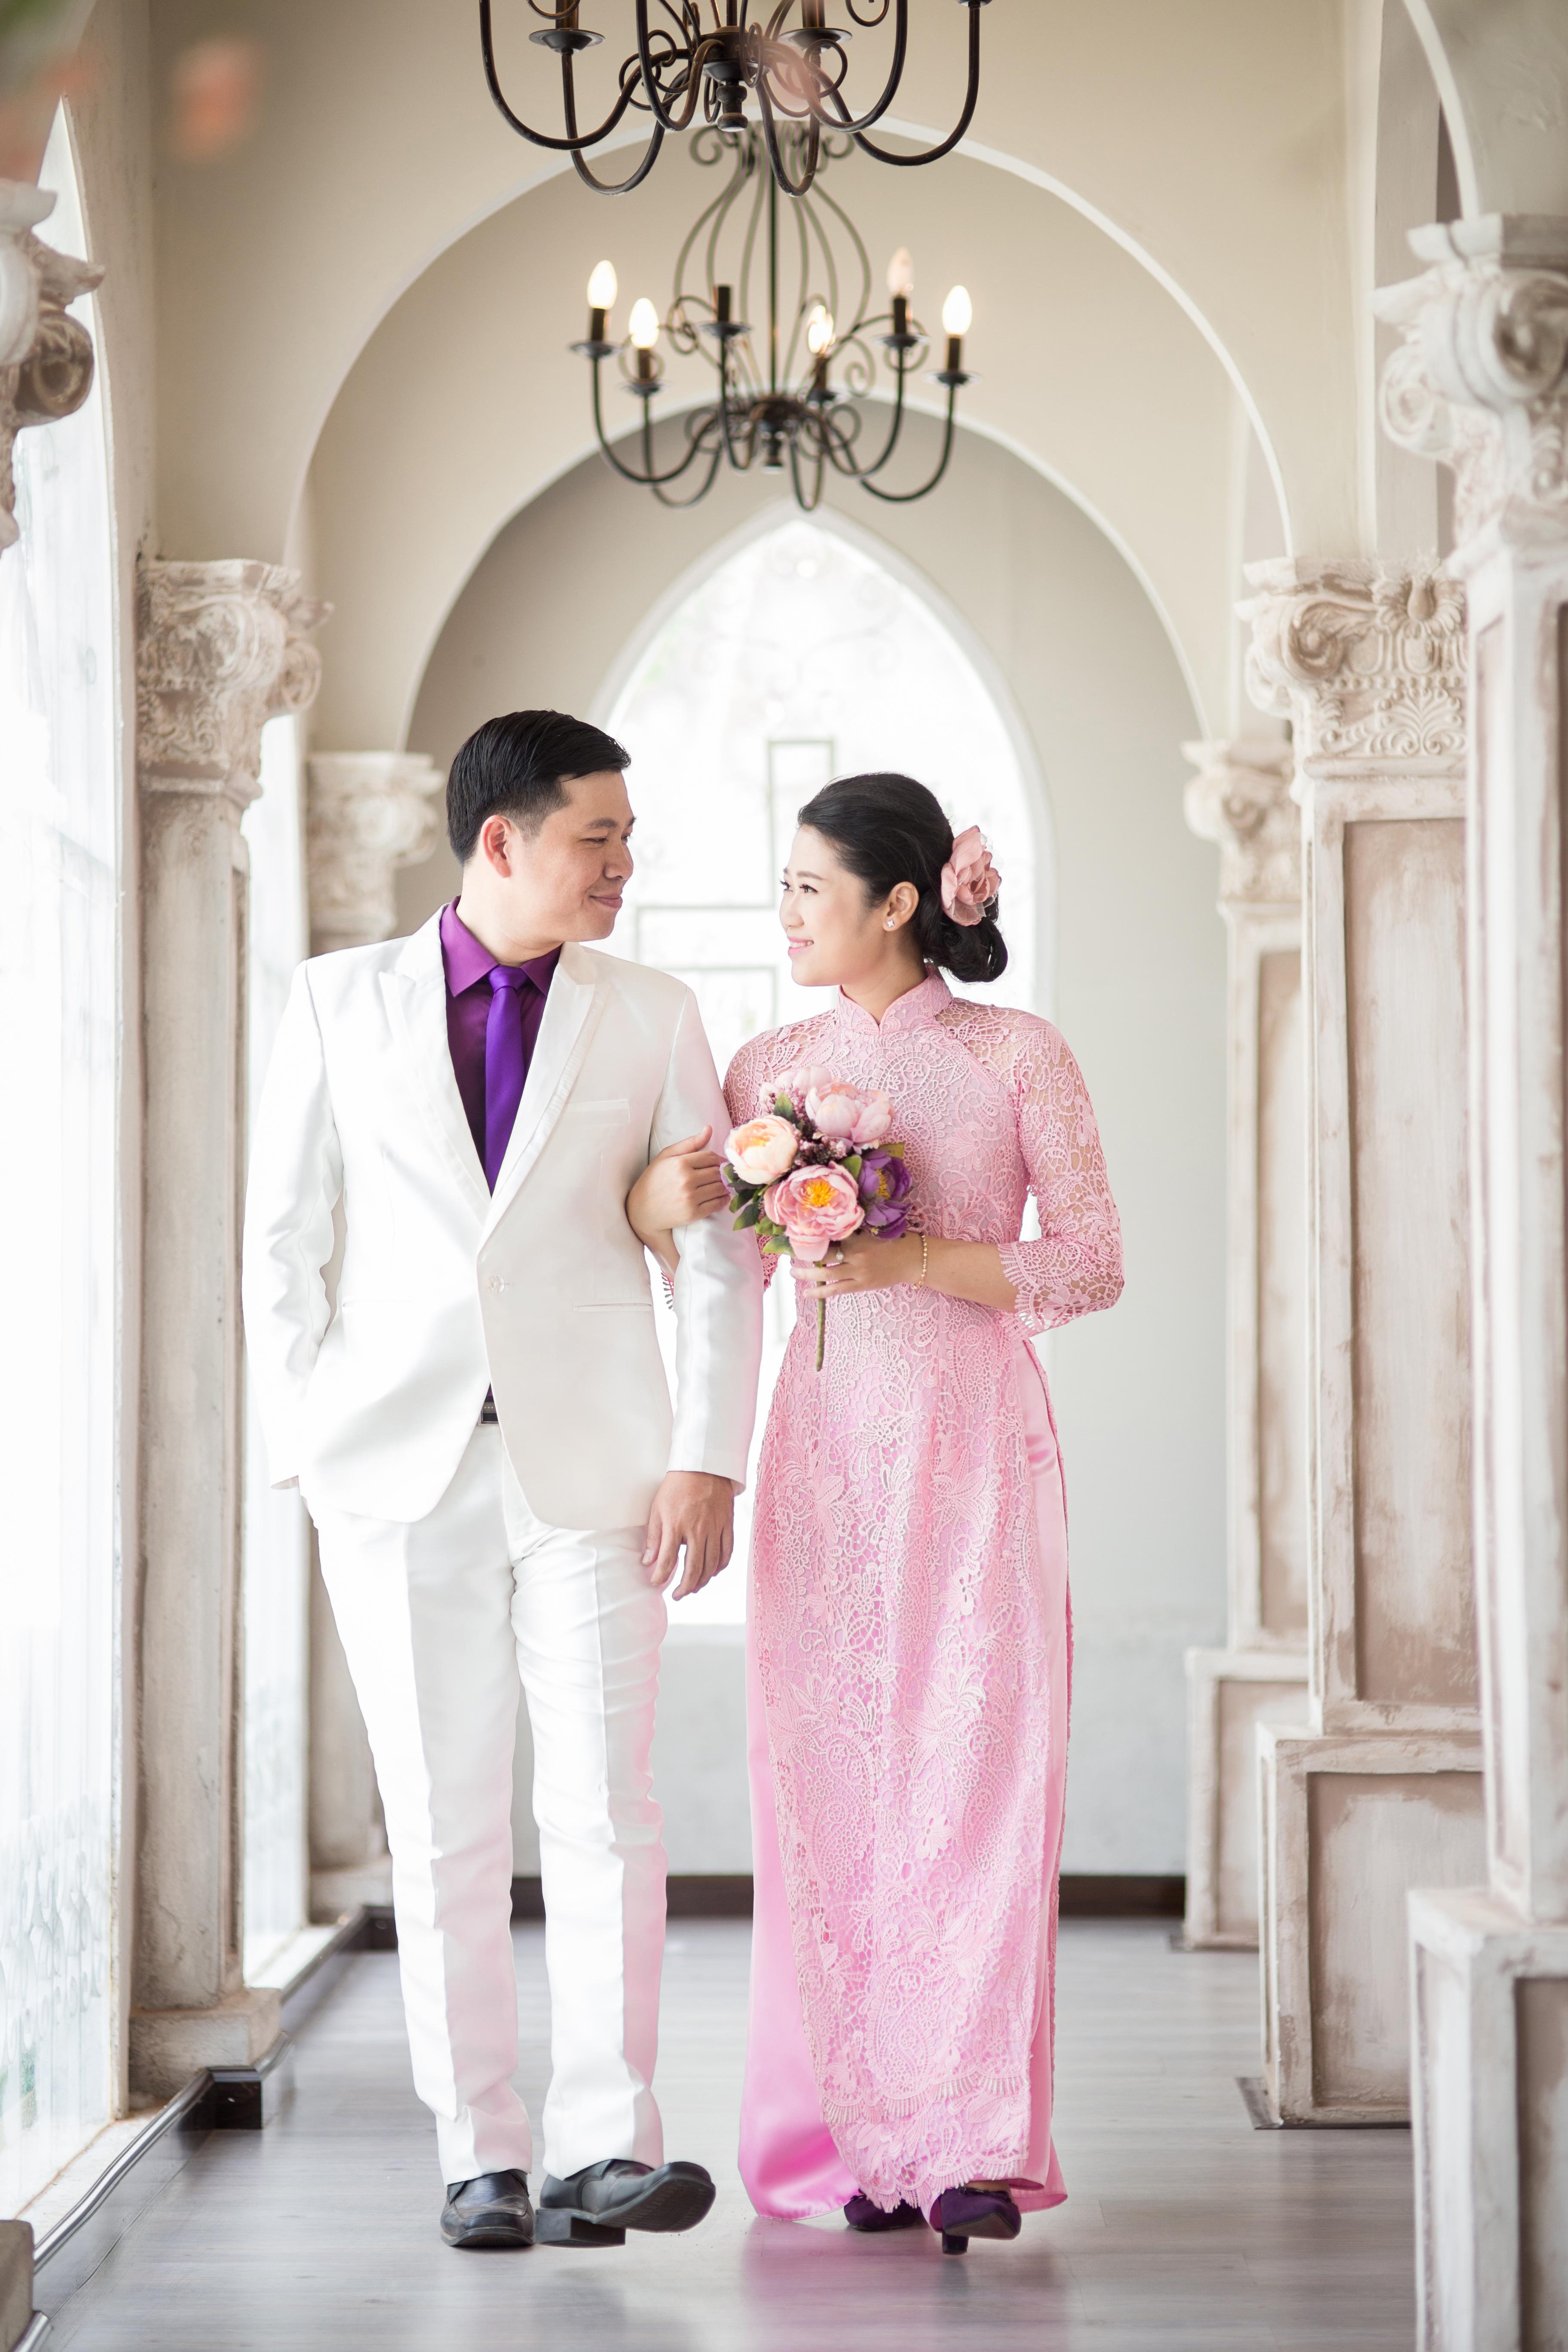 Man Wearing White Suit Jacket and Woman Wearing Pink Long-sleeved Dress Walking Corridor